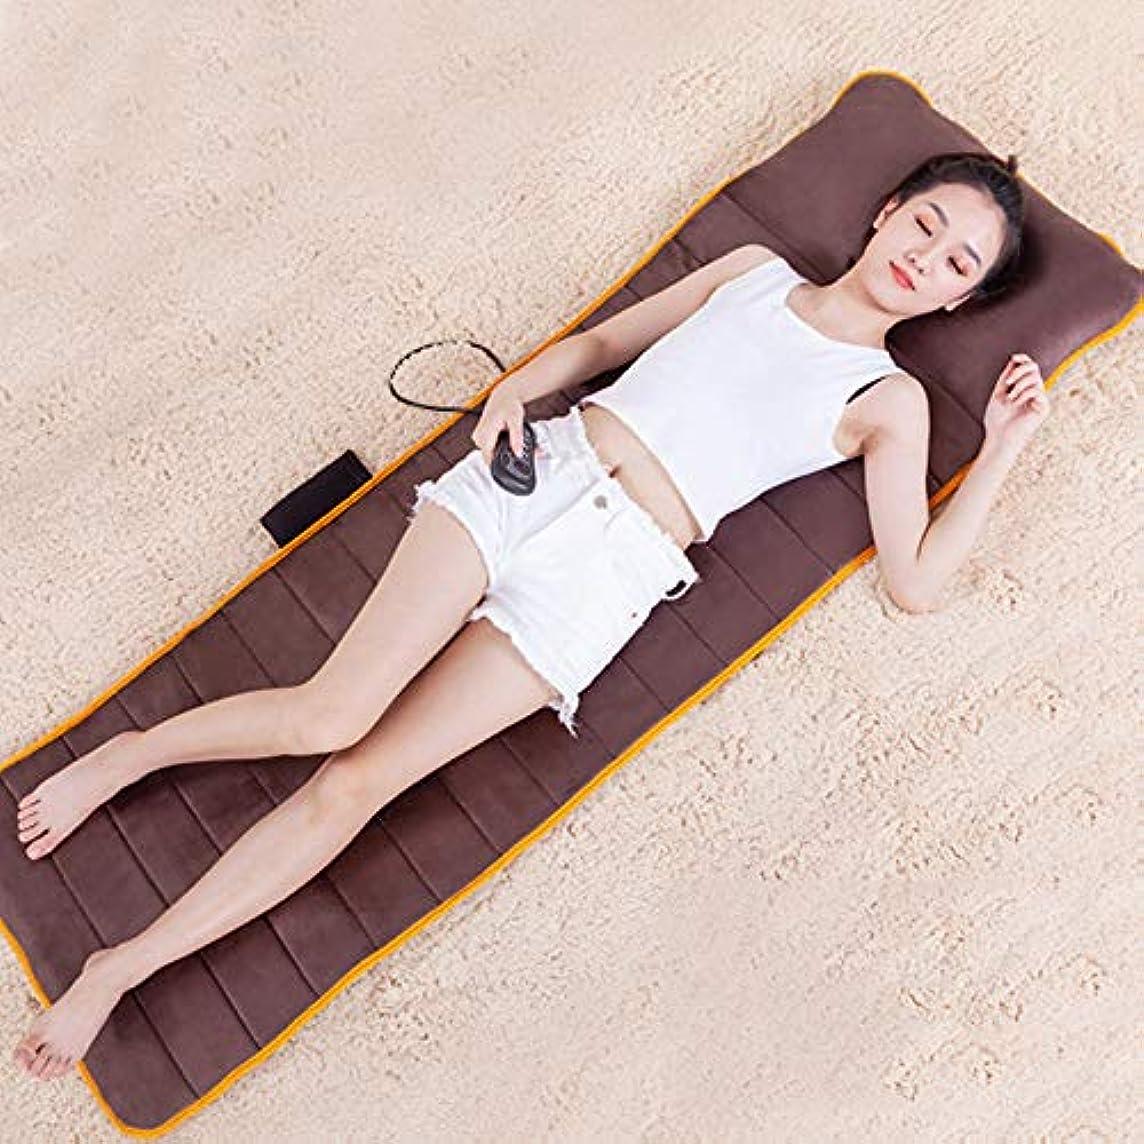 擬人キリン責めるマッサージマット - 熱 - 振動可能なマッサージパッド - 首、背中、足の痛みを軽減するための10振動モーターマットレスパッド